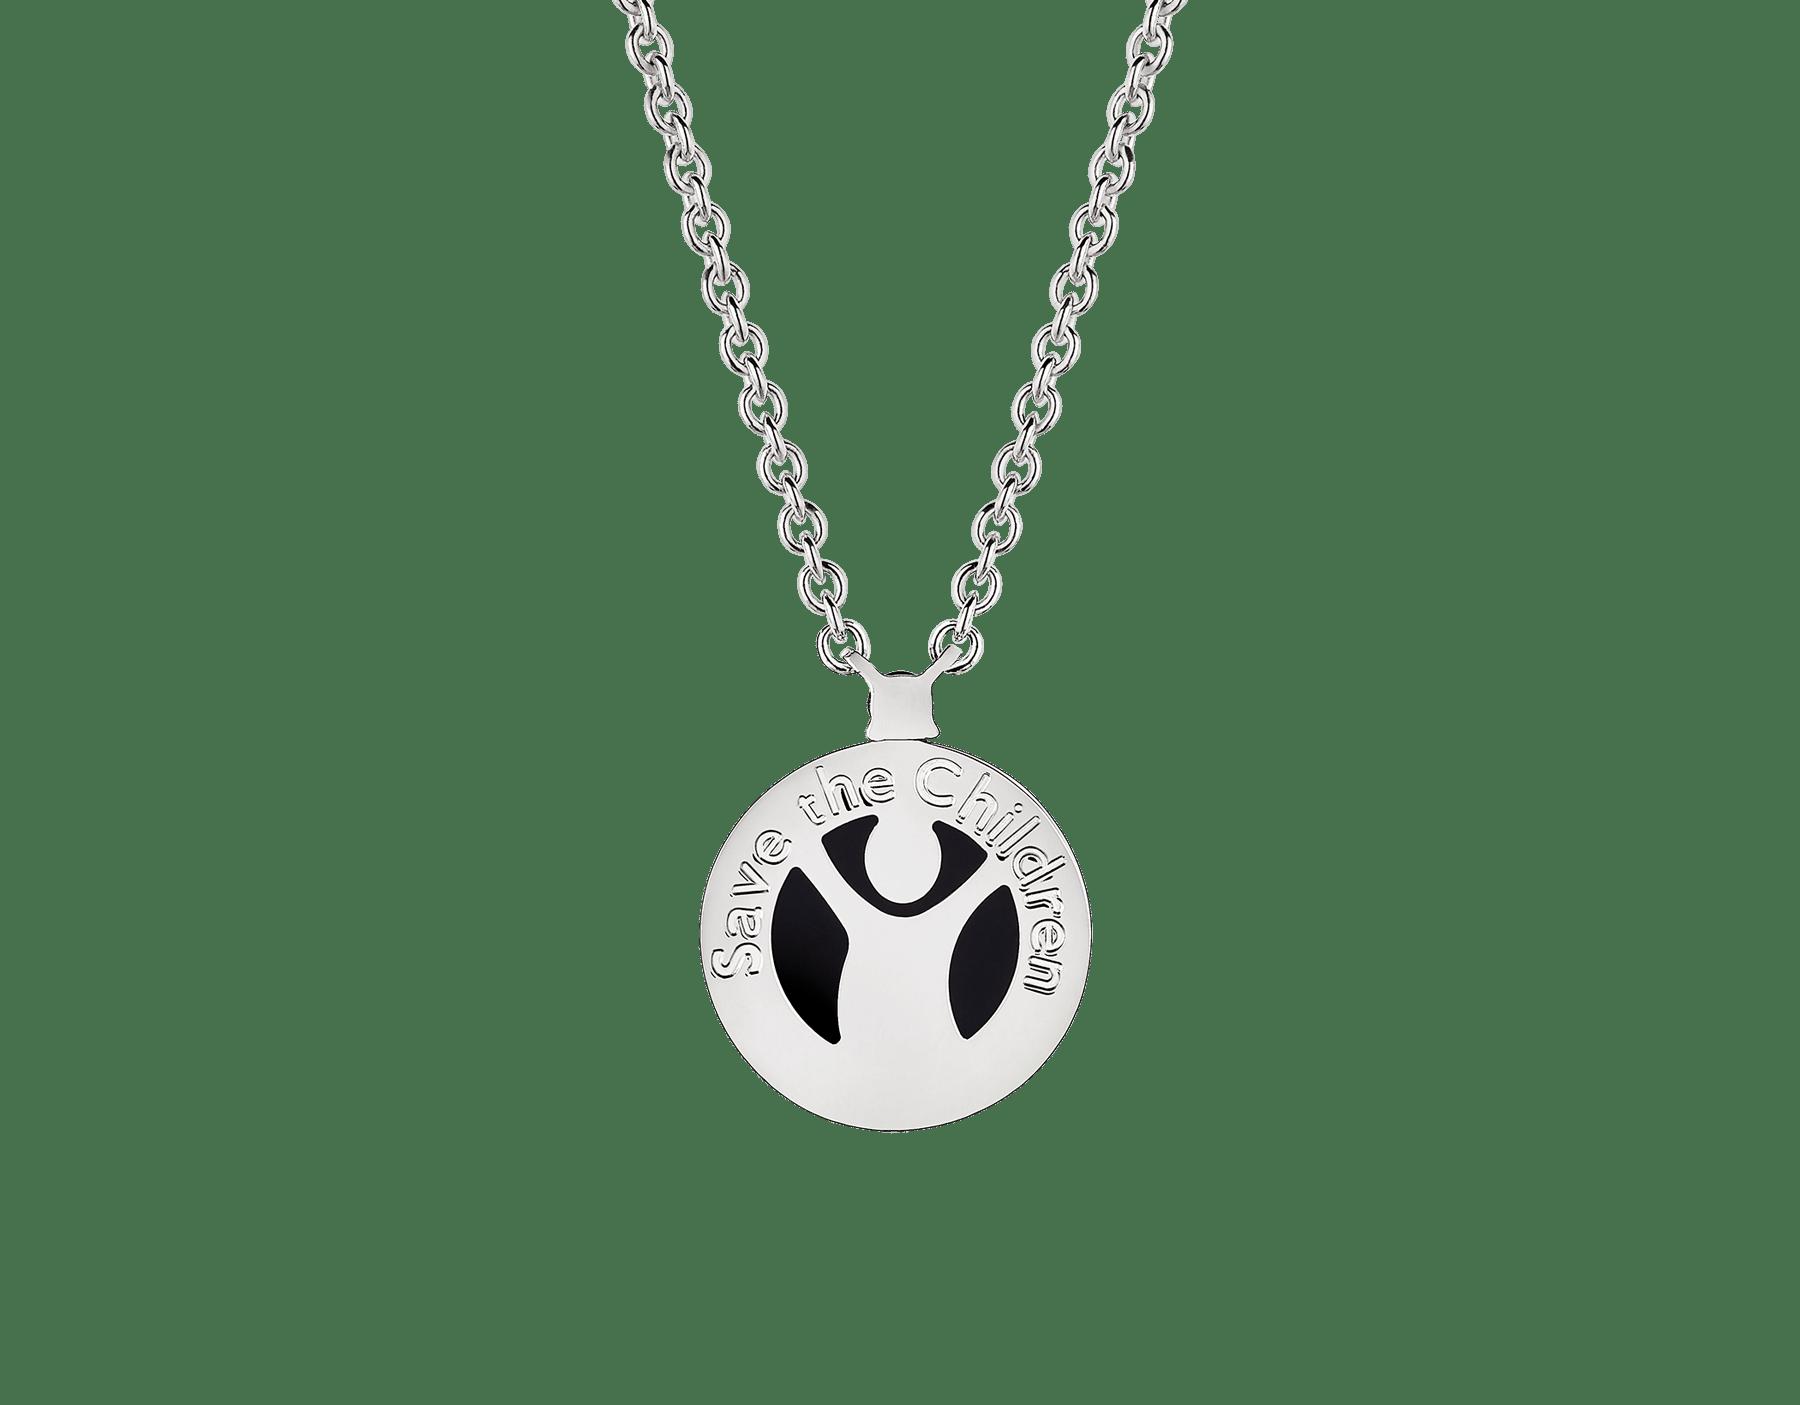 Collier Save the Children 10eAnniversaire en argent massif avec pendentif serti d'un élément en onyx et d'un rubis 356910 image 2